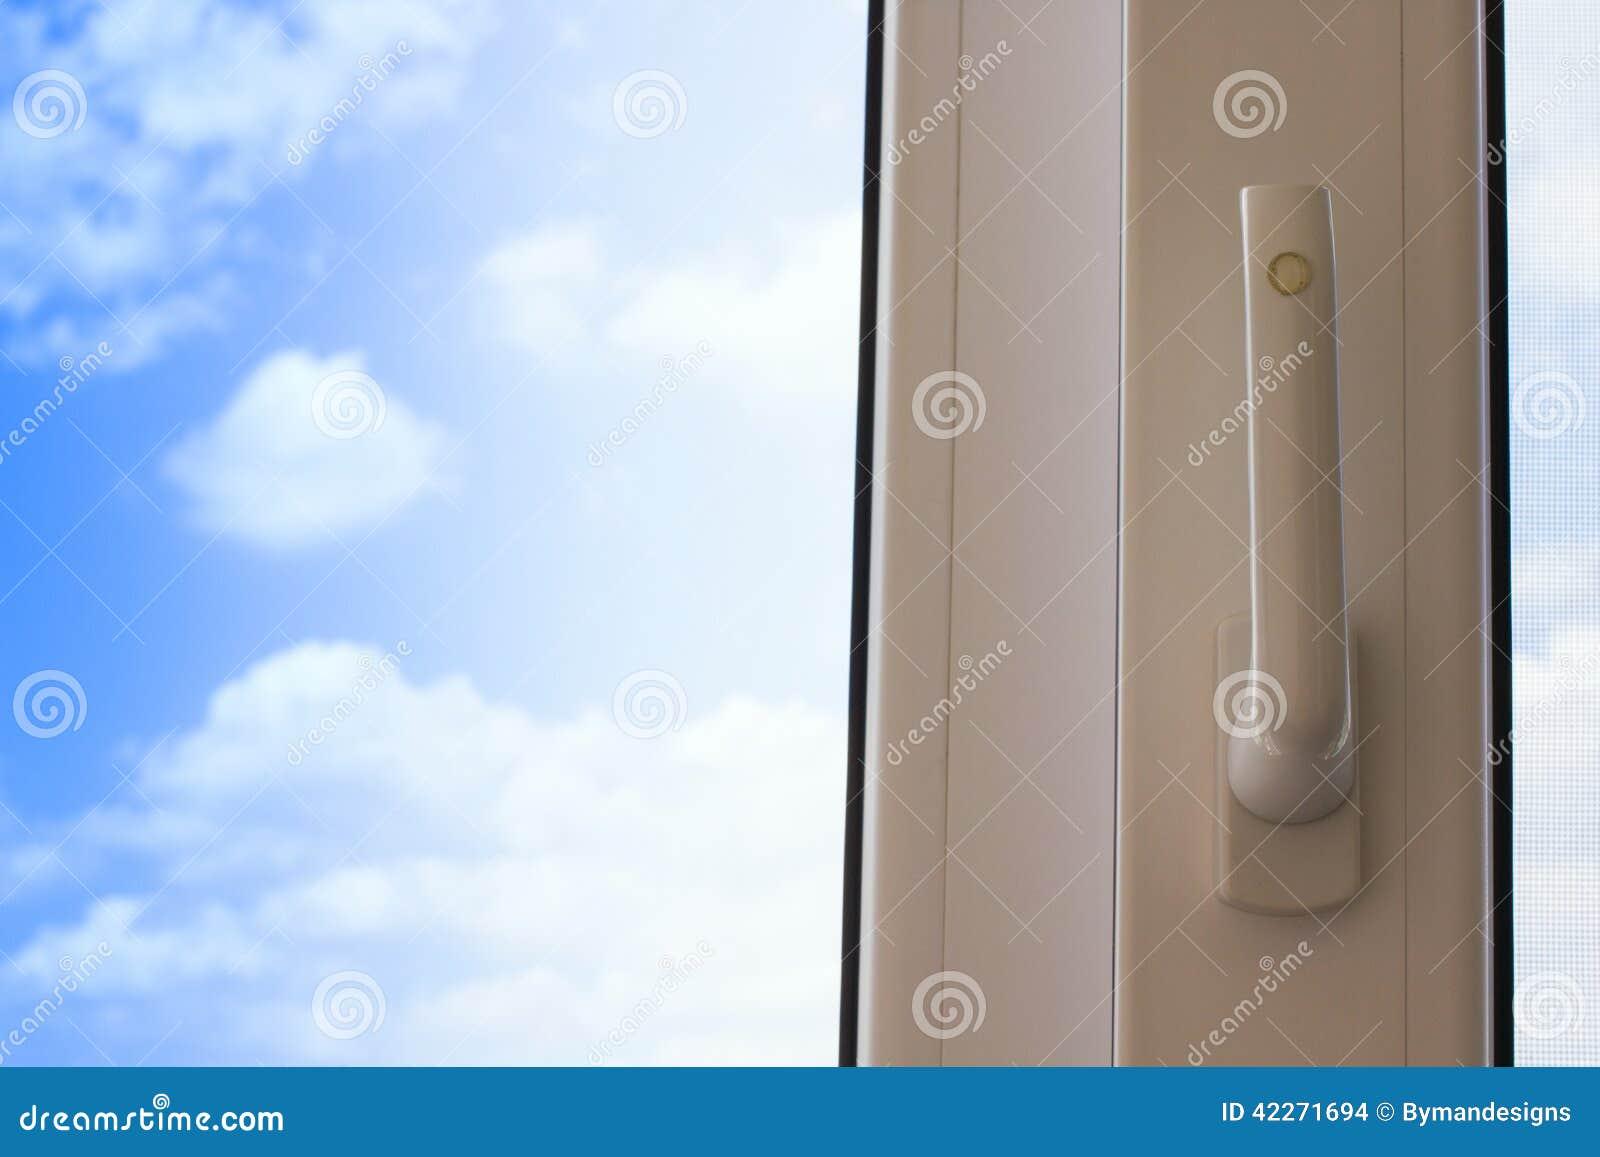 Offenes fenster himmel  Offenes Fenster Mit Blauem Himmel Im Hintergrund Stockfoto - Bild ...